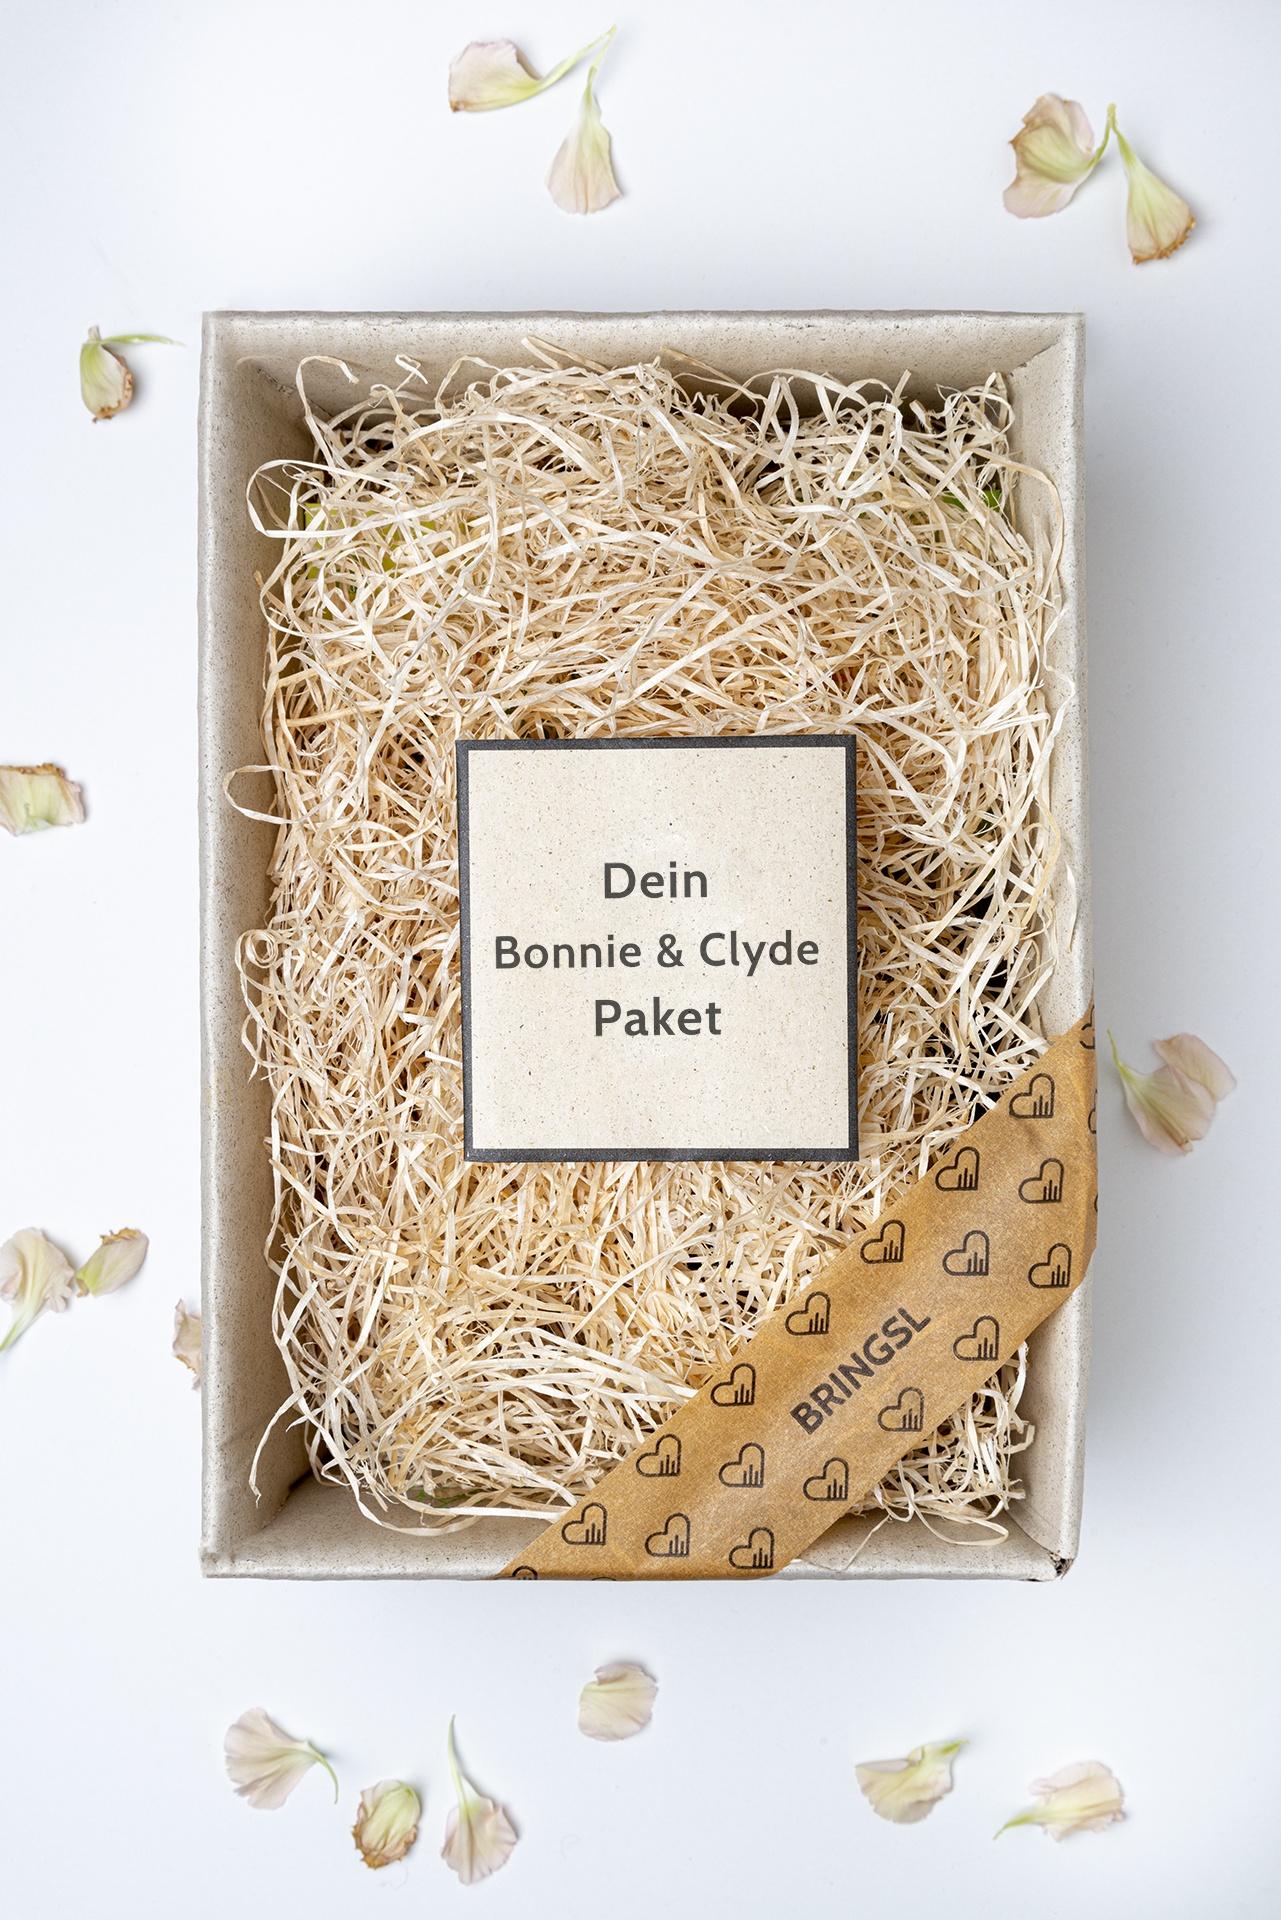 Date Paket